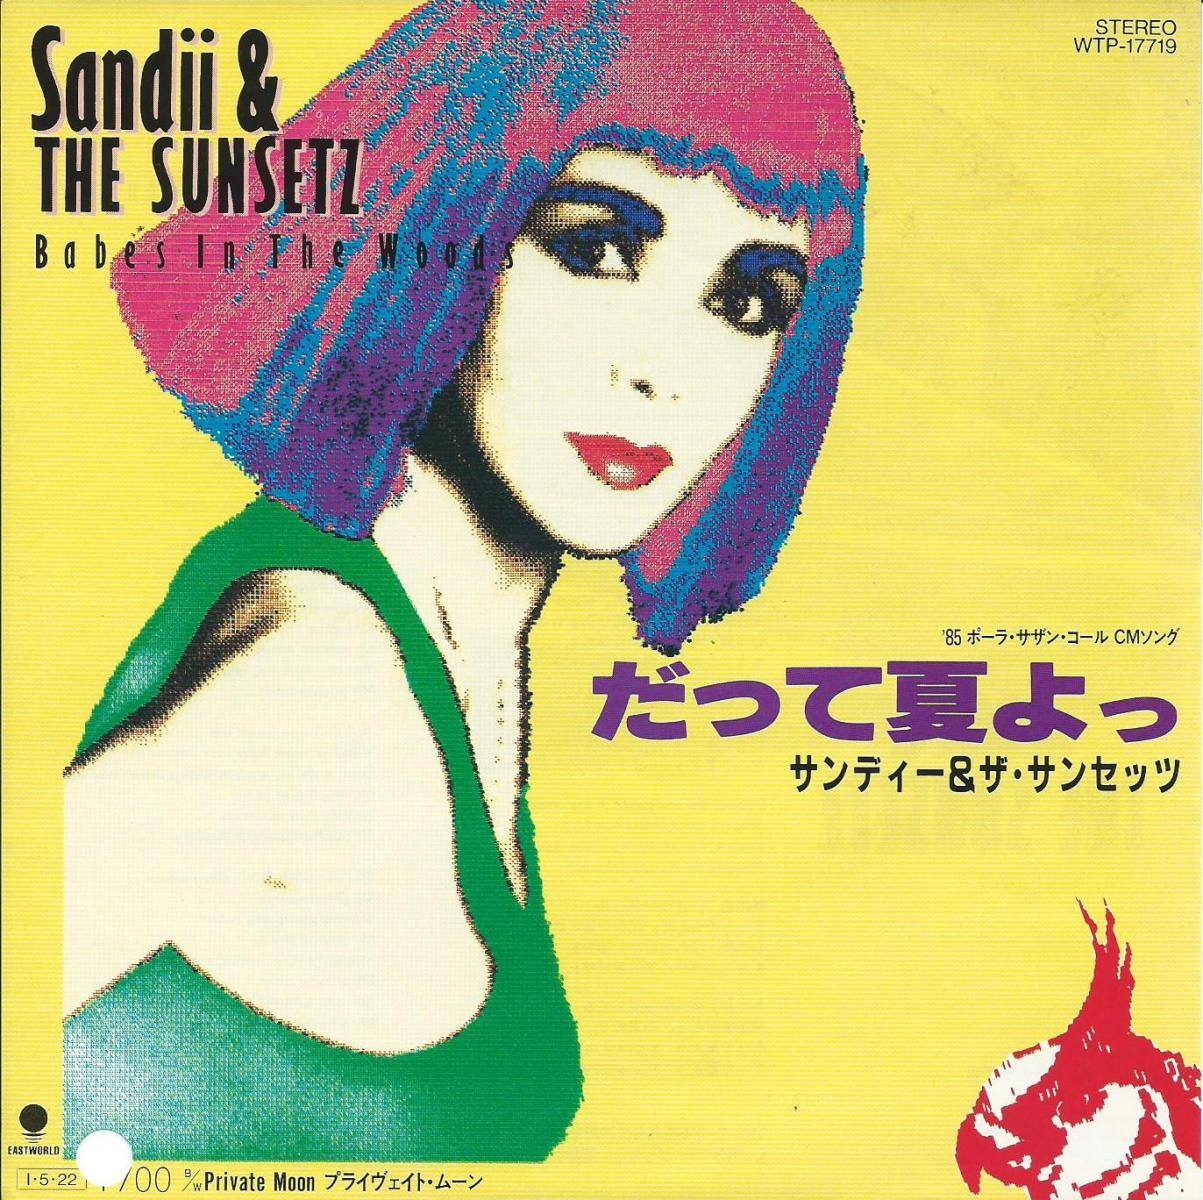 サンディー&ザ・サンセッツ SANDII & THE SUNSETZ / だって夏よっ BABES IN THE WOODS (7